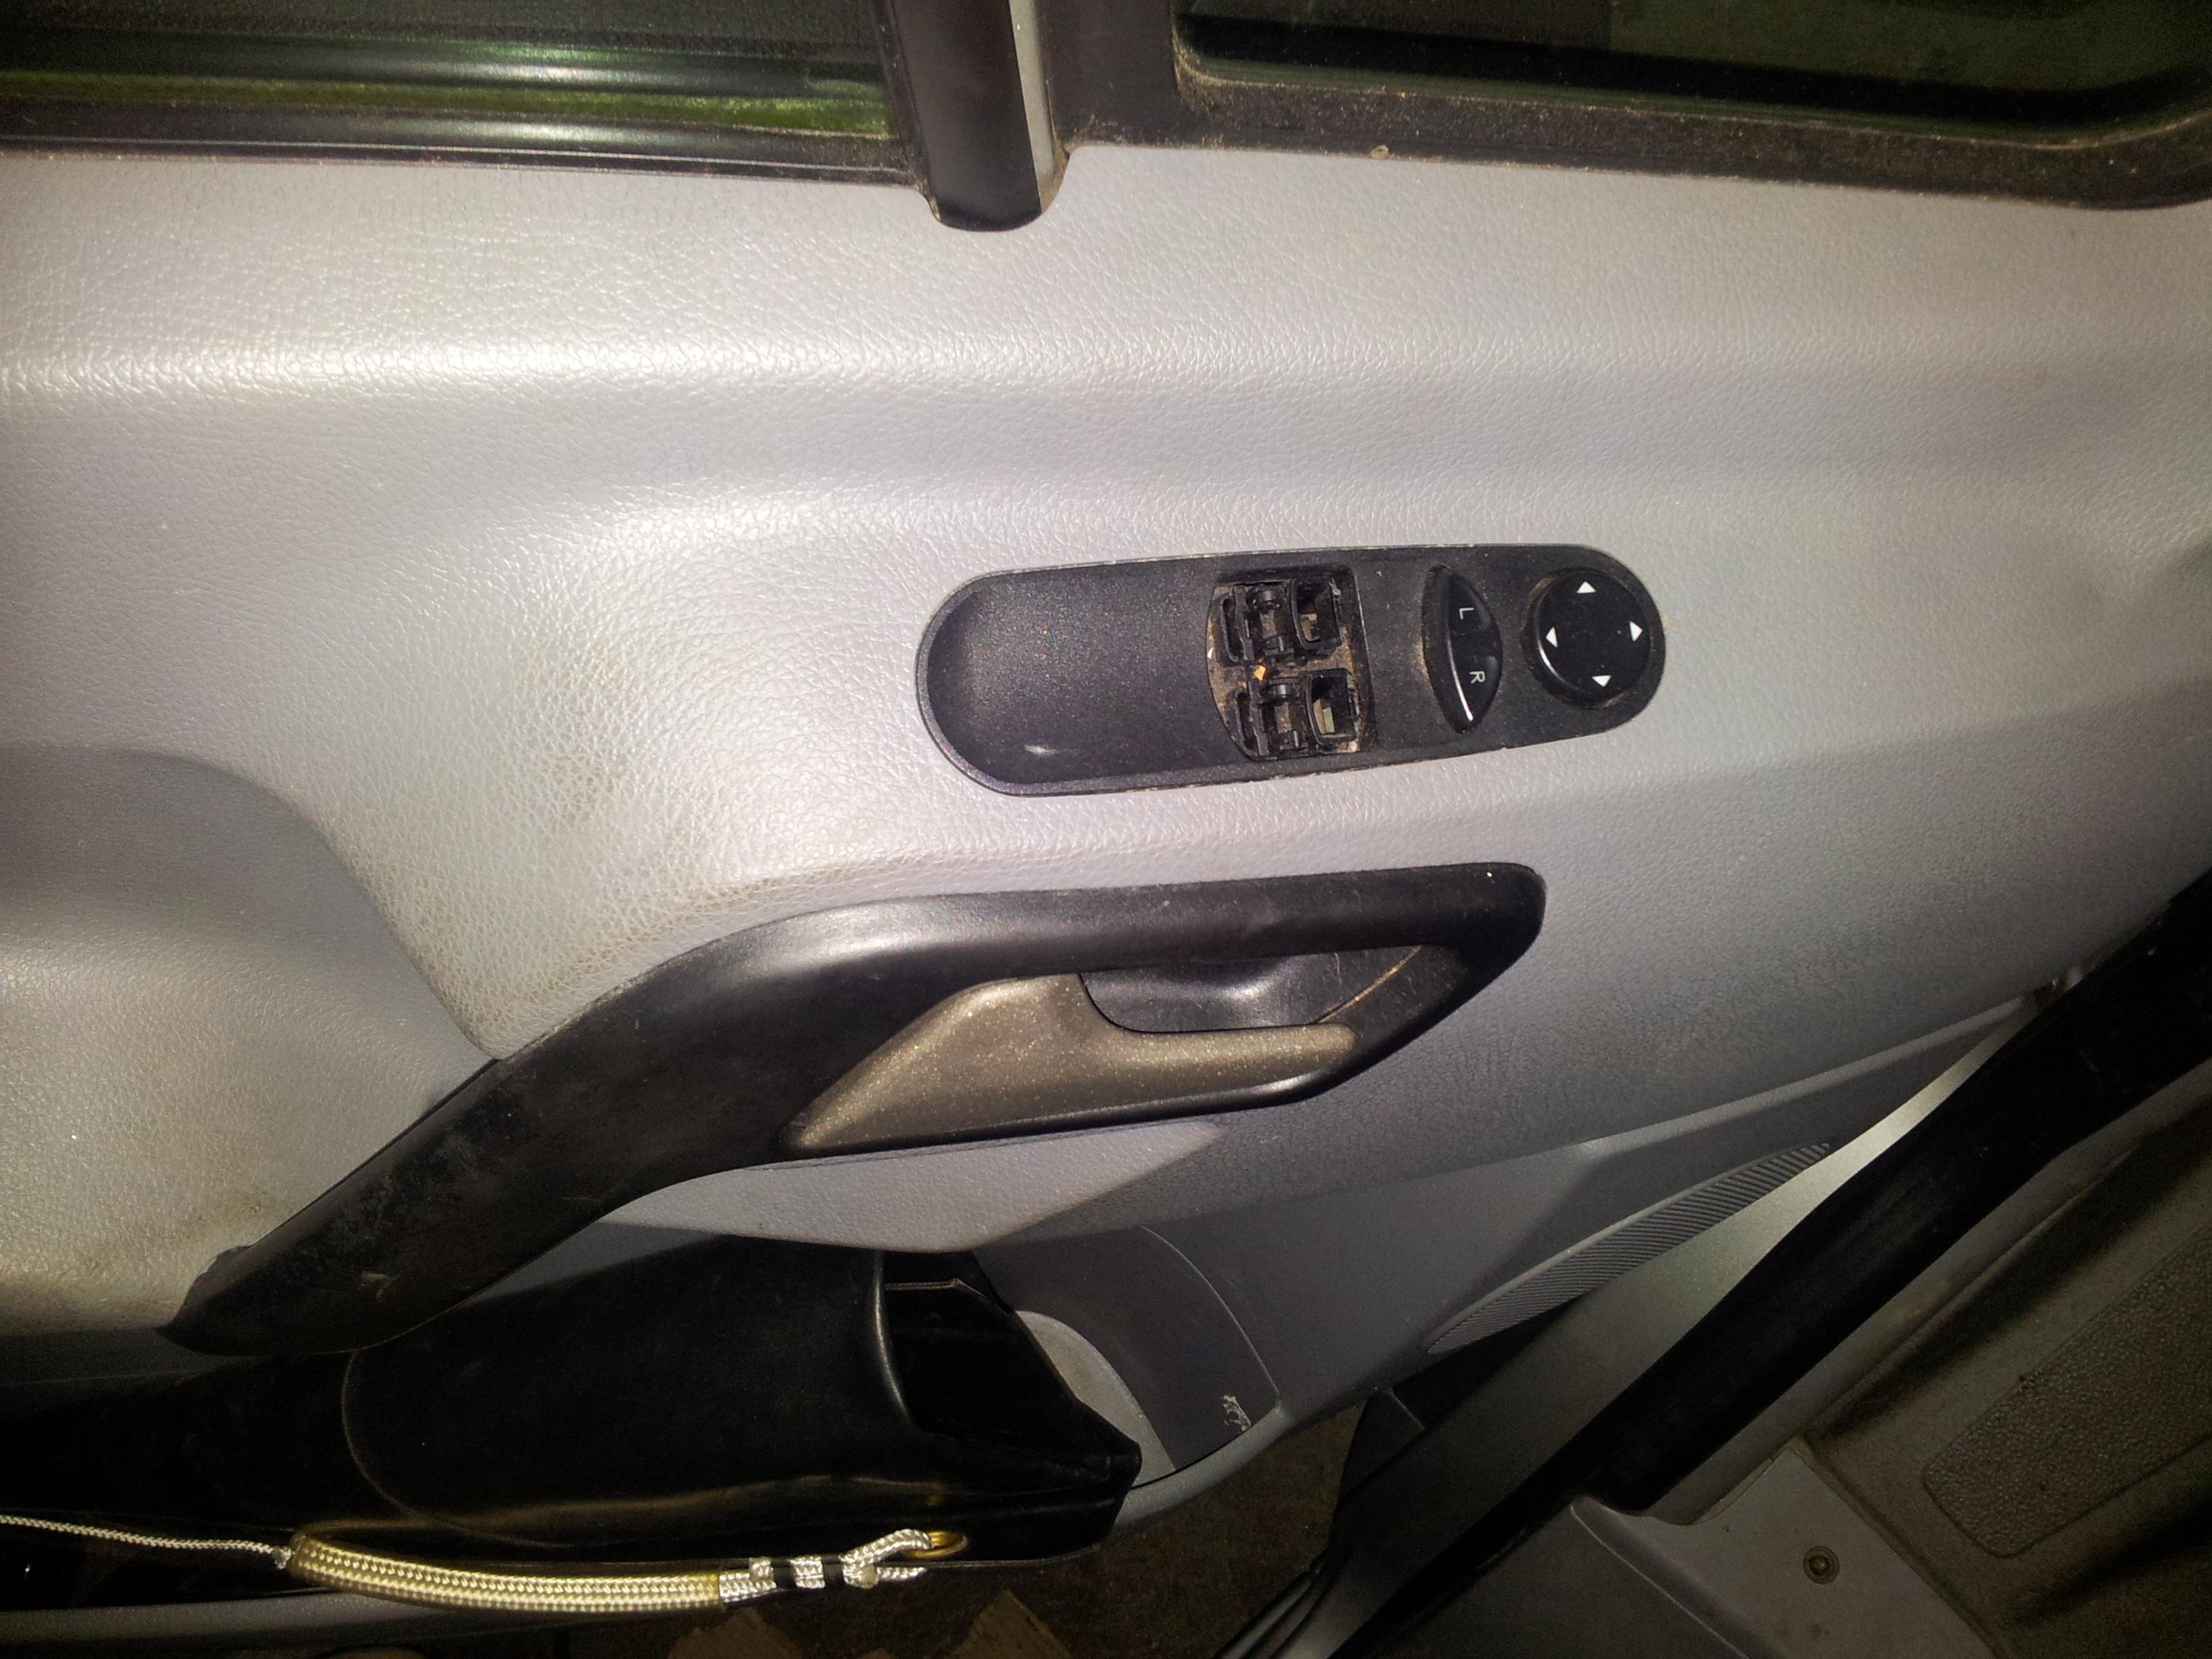 Elektrische Fensterheber Knöpfe nachrüsten | surfandfriends